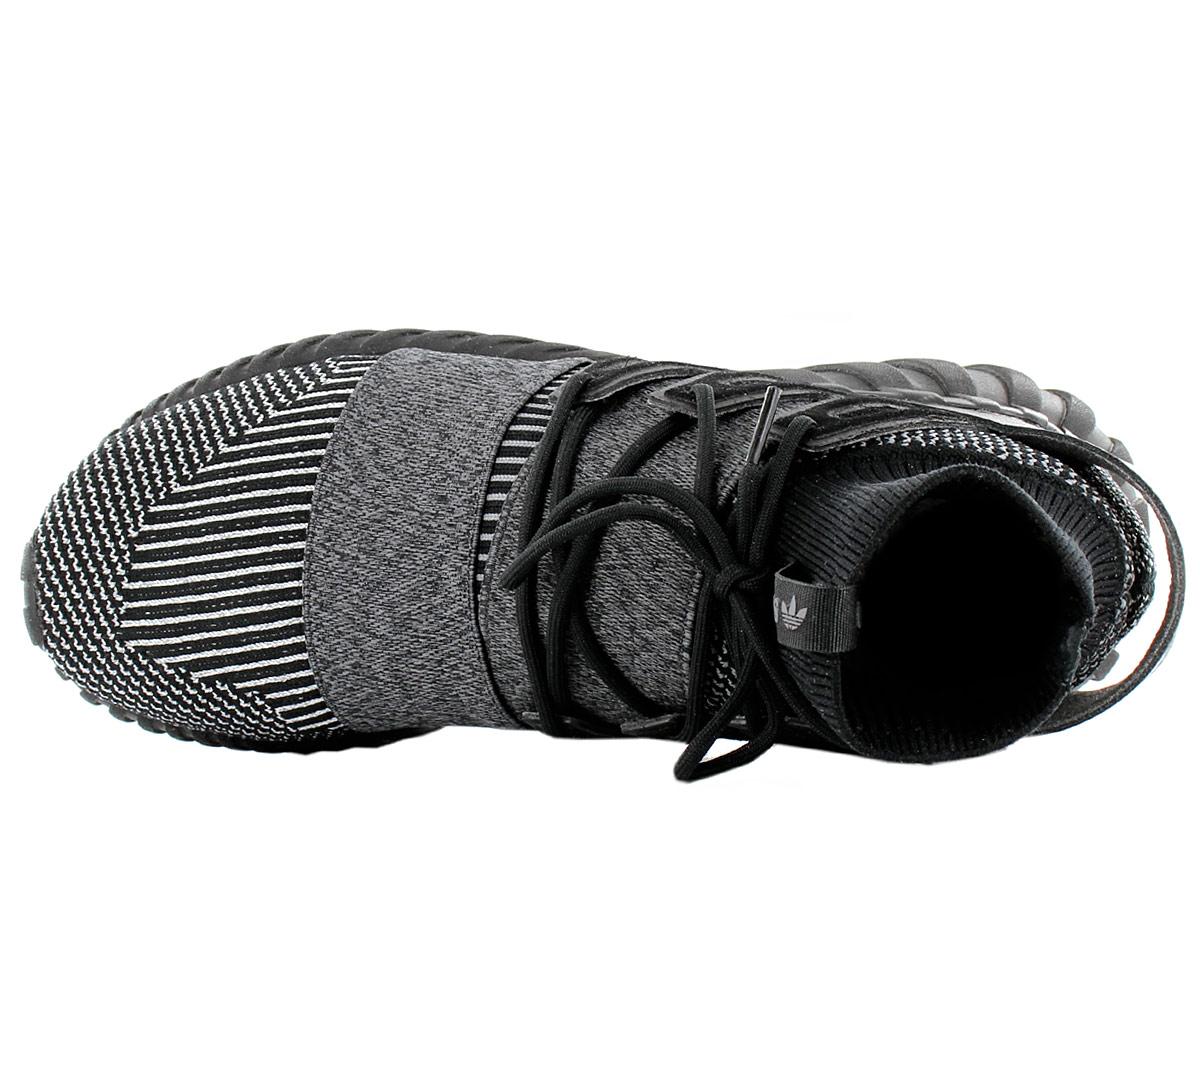 quality design a8406 50894 Style adidas Originals Tubular Doom PK Primeknit BY3131